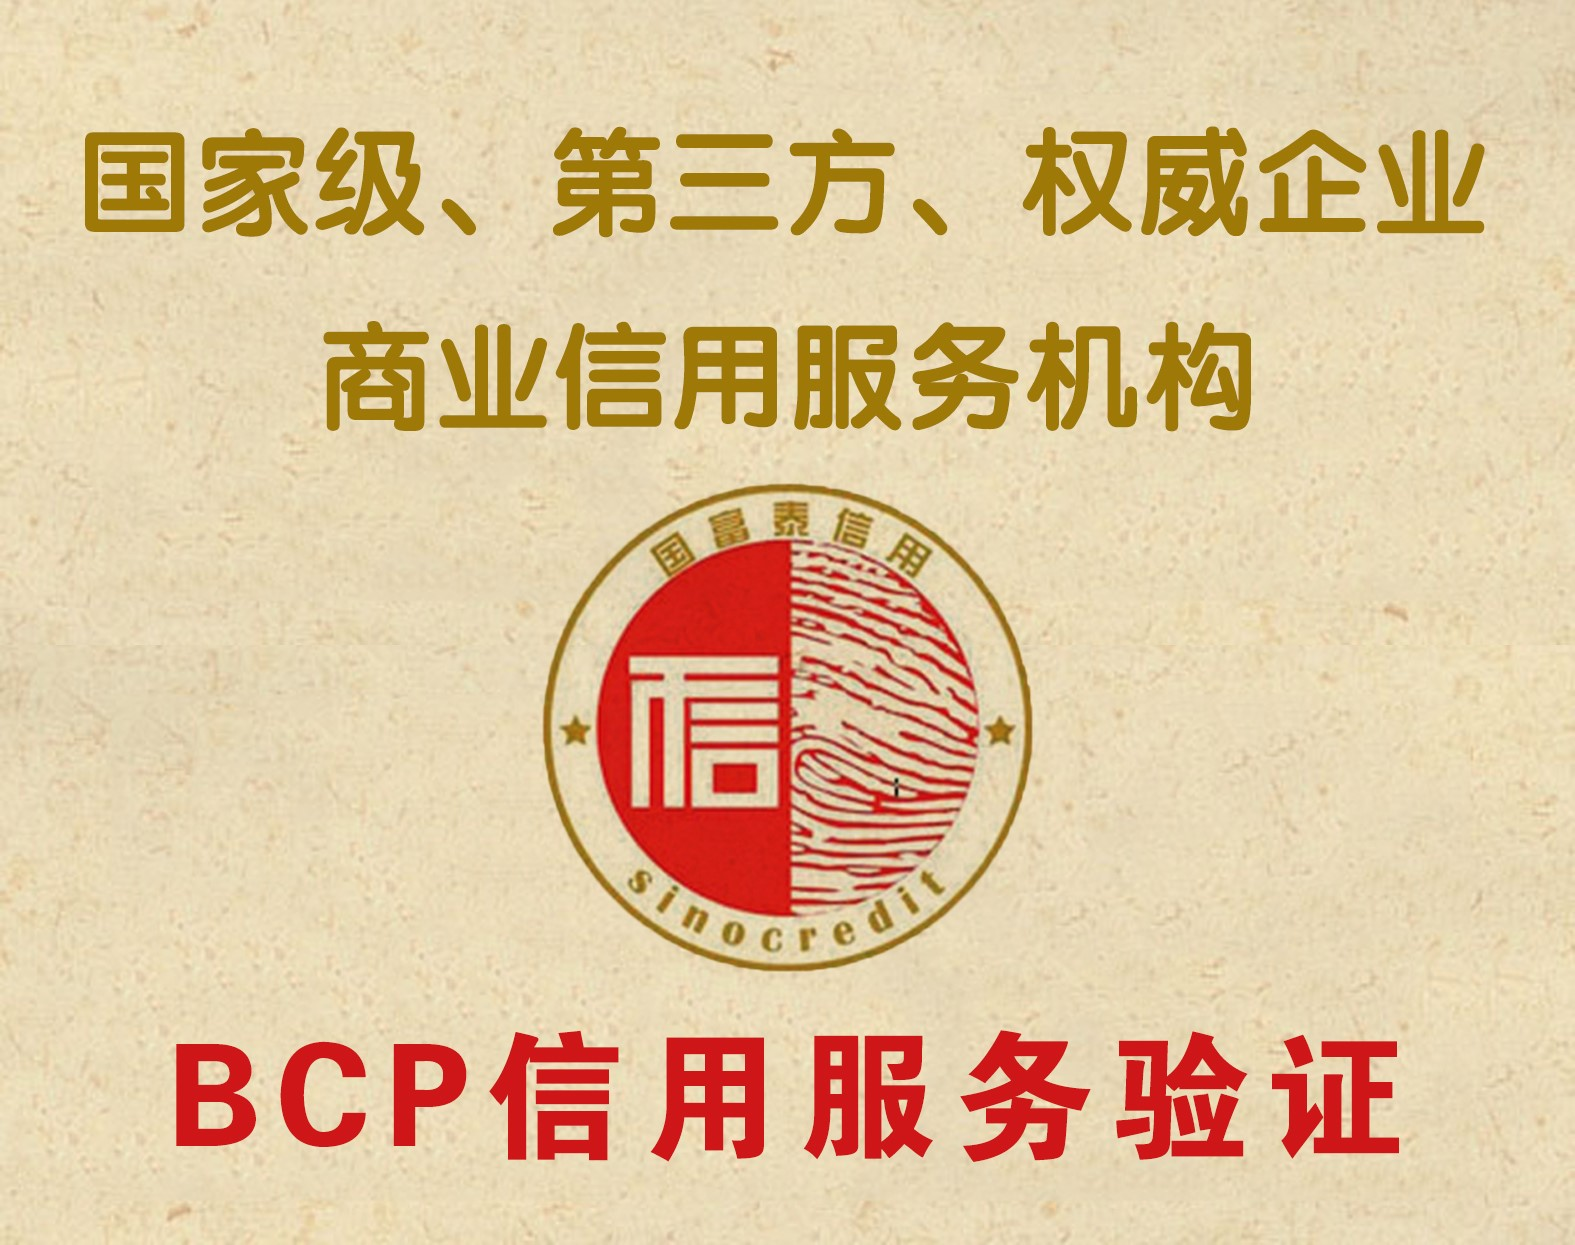 国富泰bcp/专业软文网/北京中万网络科技有限责任公司